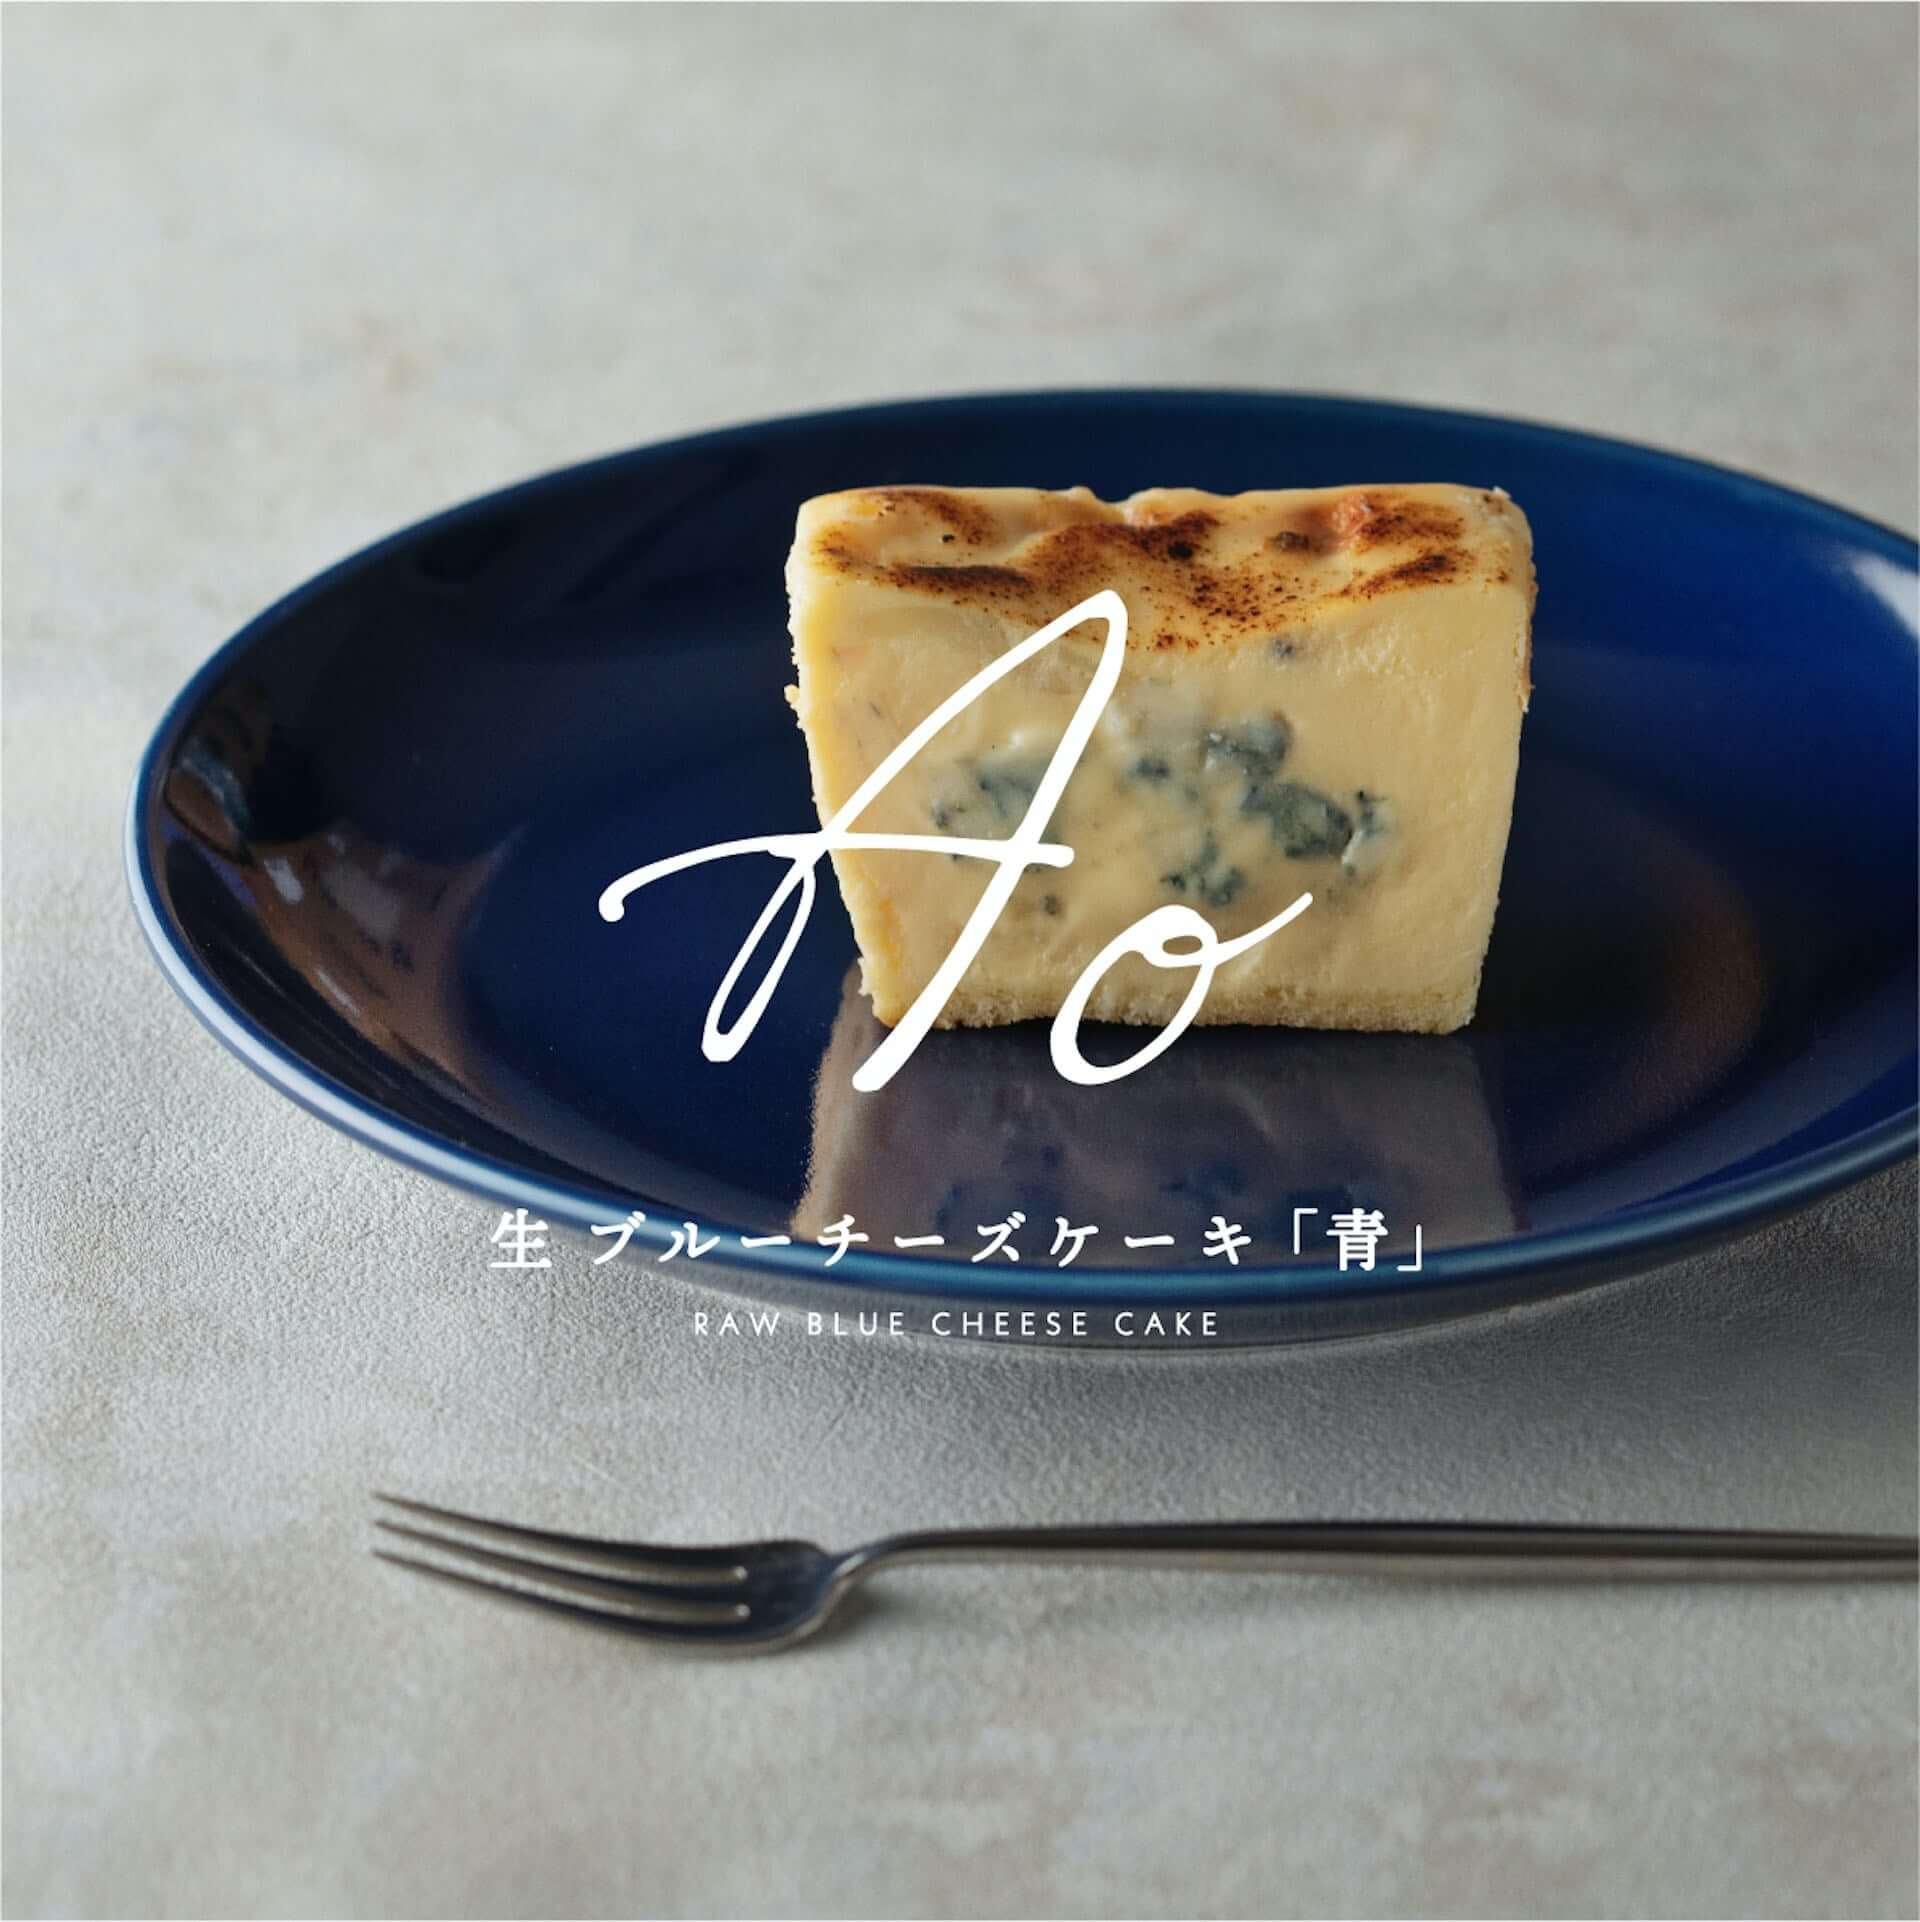 熟成ゴルゴンゾーラを使用した生ブルーチーズケーキ専門店「青」がルミネ立川に期間限定オープン!ホワイトデー企画も実施 gourmet210305_cheesecake-ao_6-1920x1922